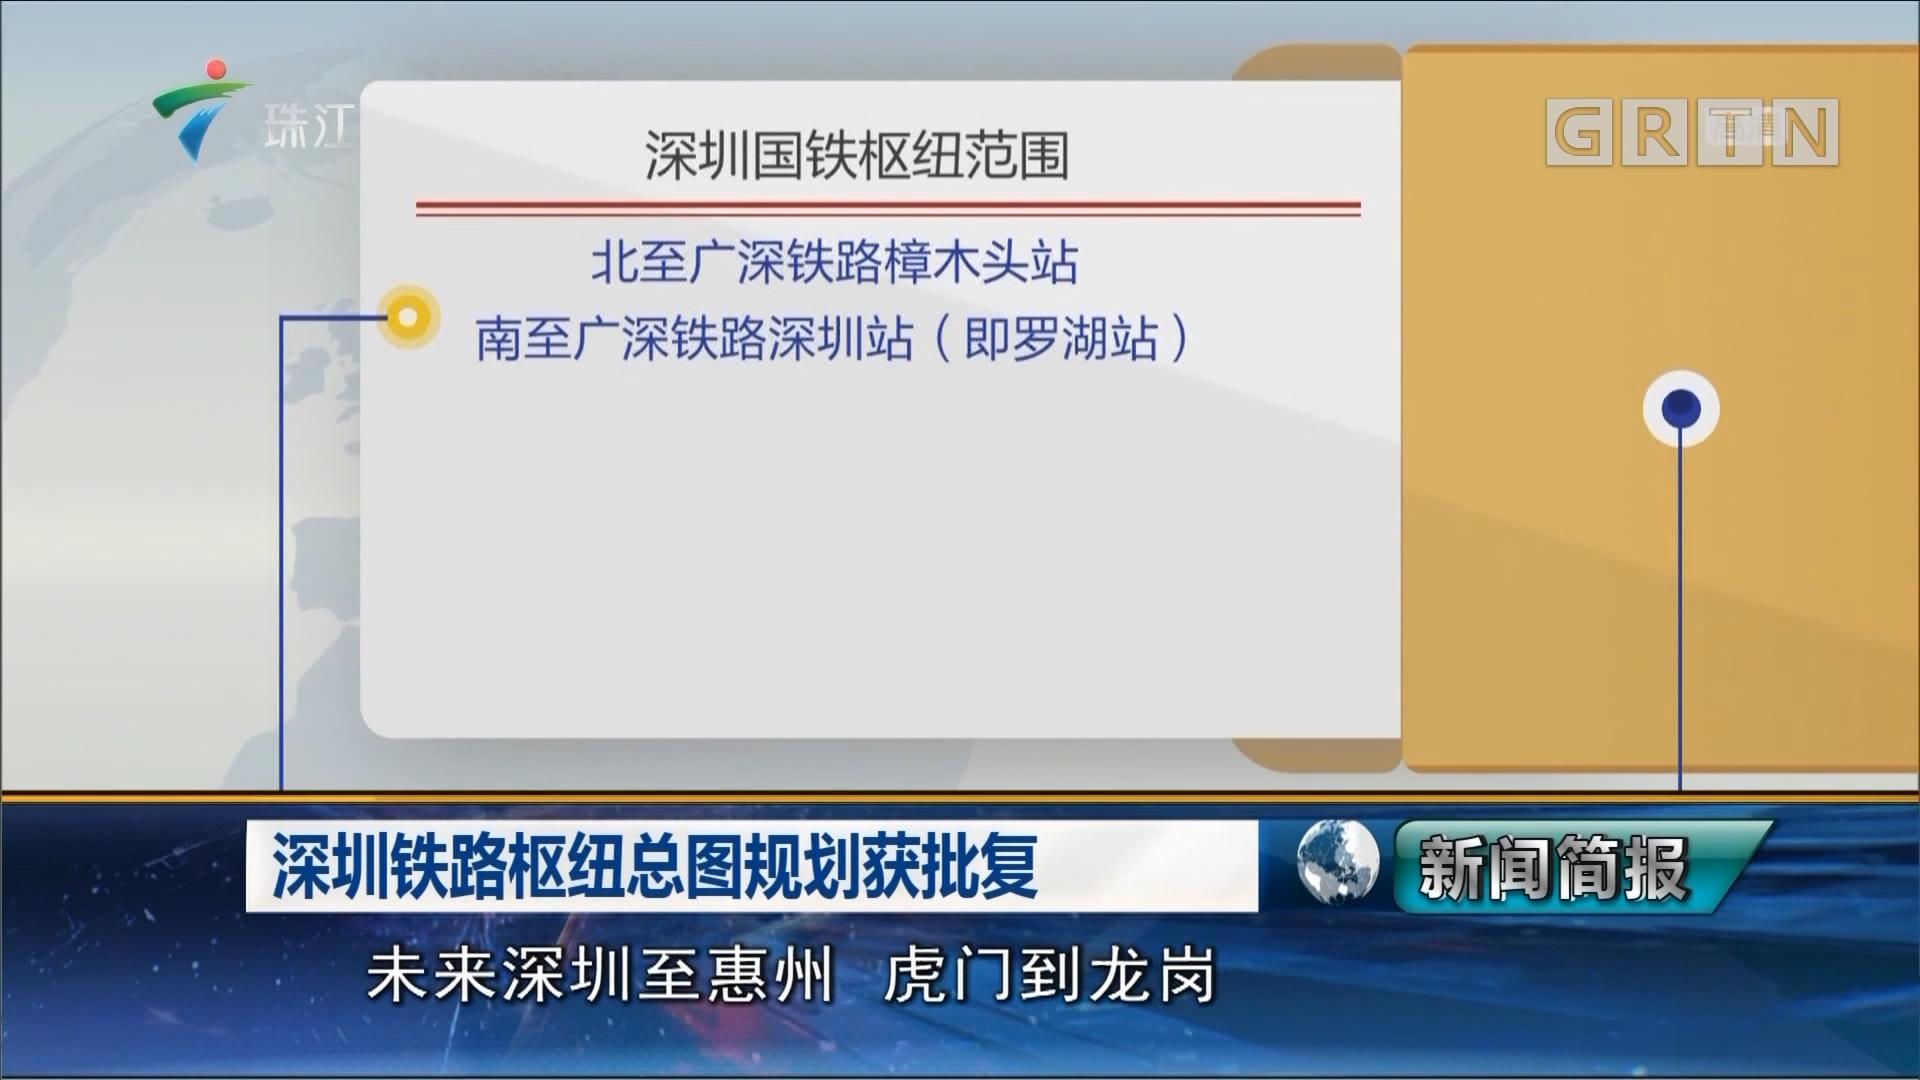 深圳铁路枢纽总图规划获批复